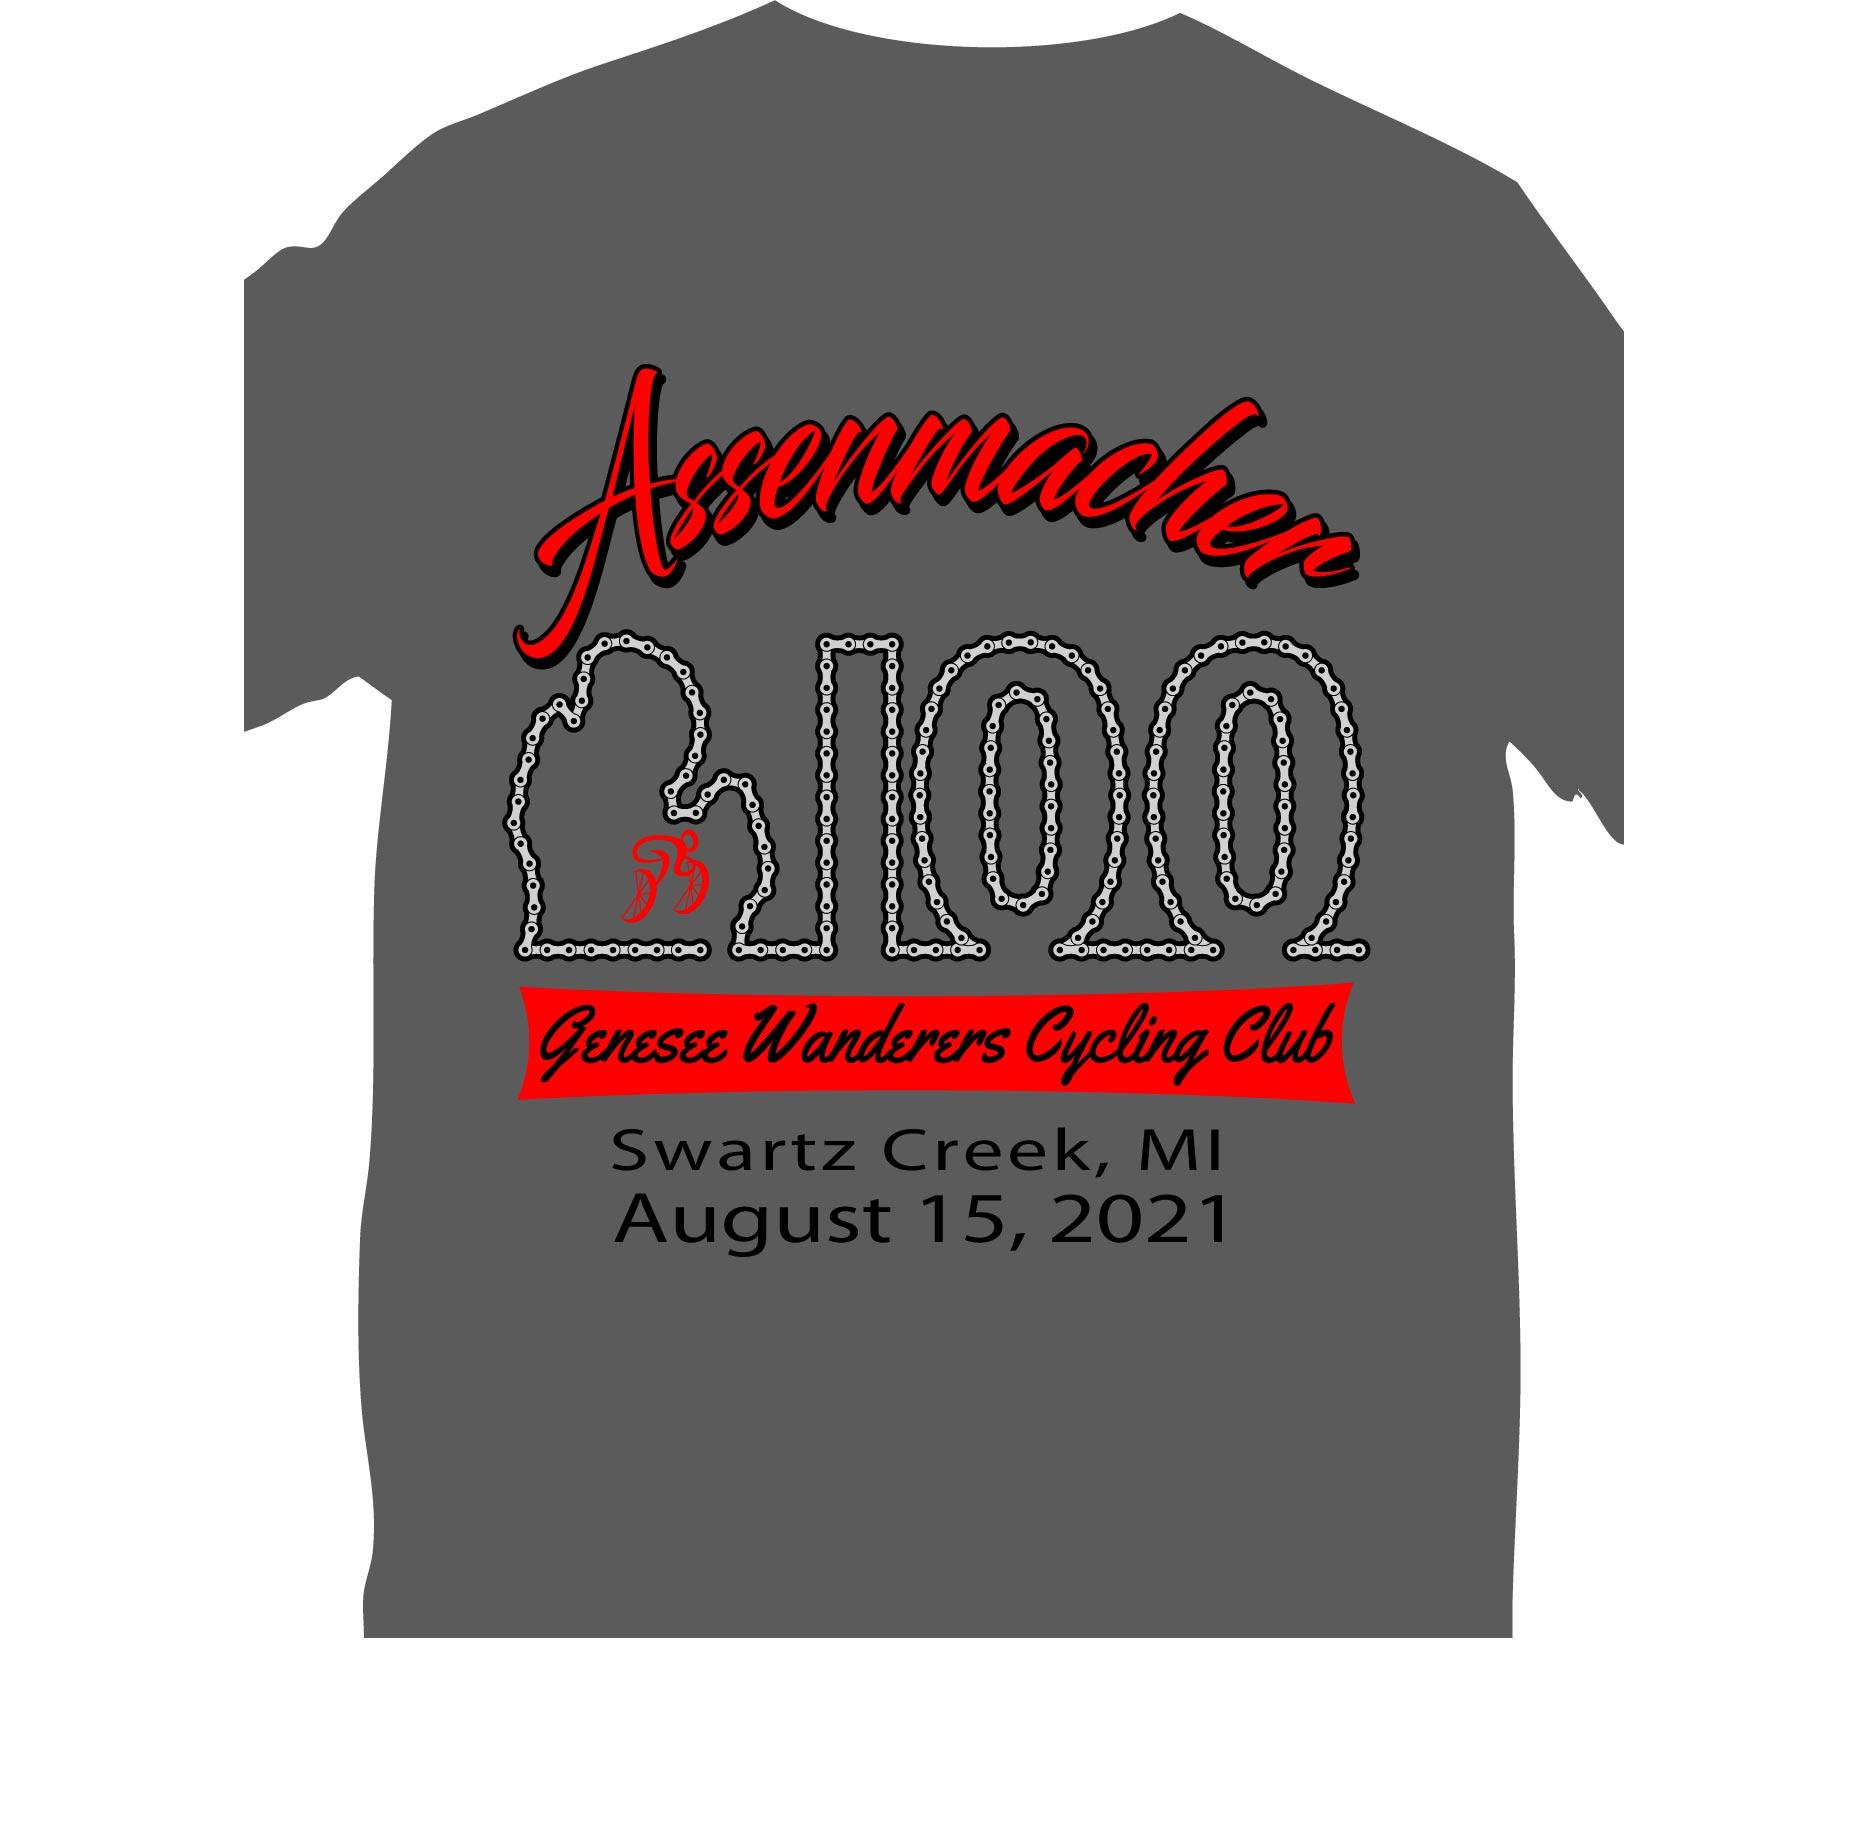 Assenmacher 100 T-shirt design